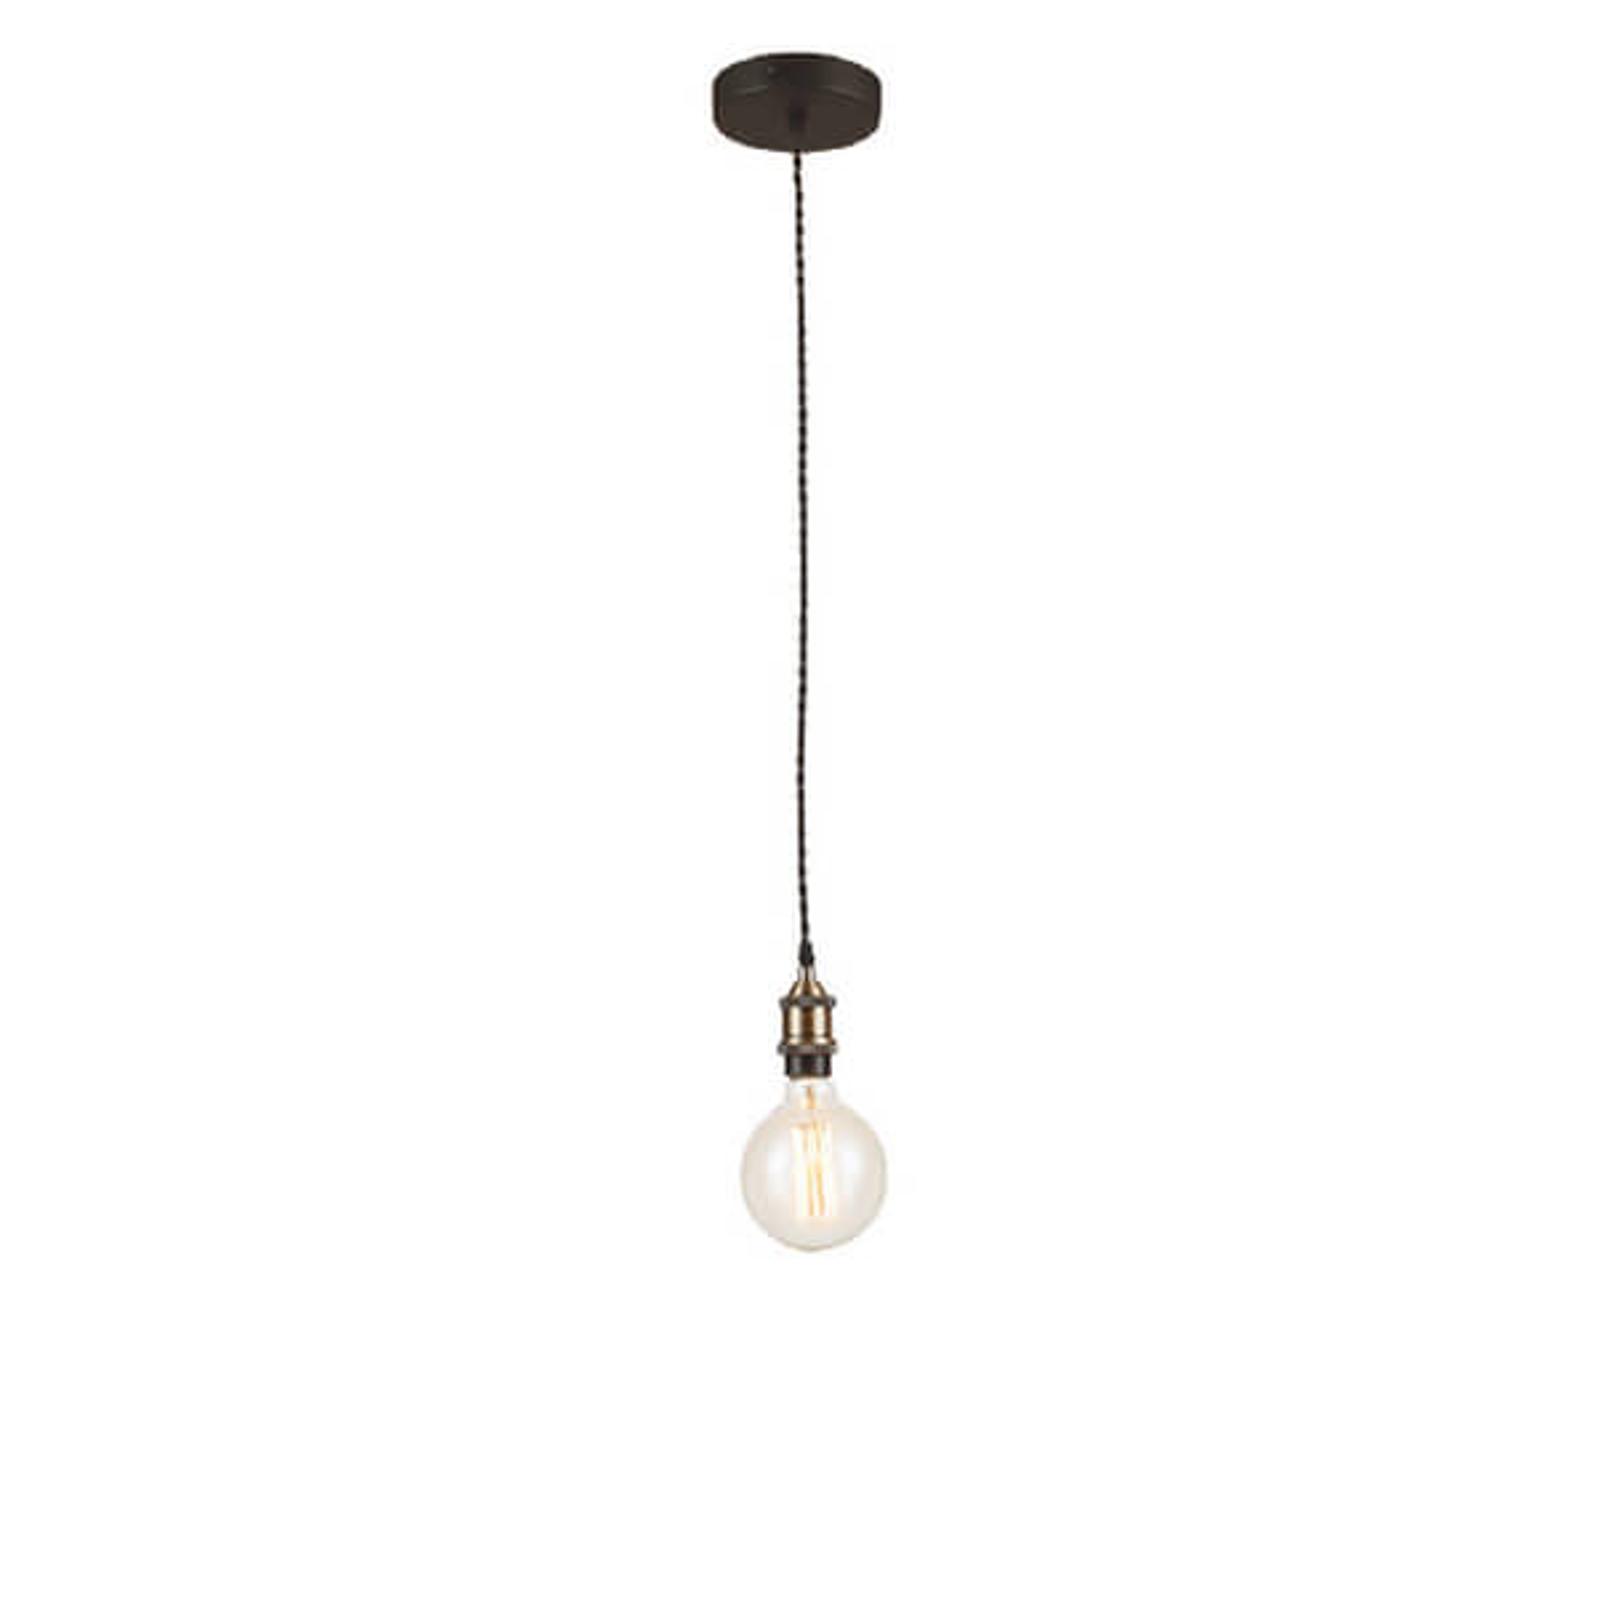 Reduceret hængelampe Vintage med metaltrådsophæng